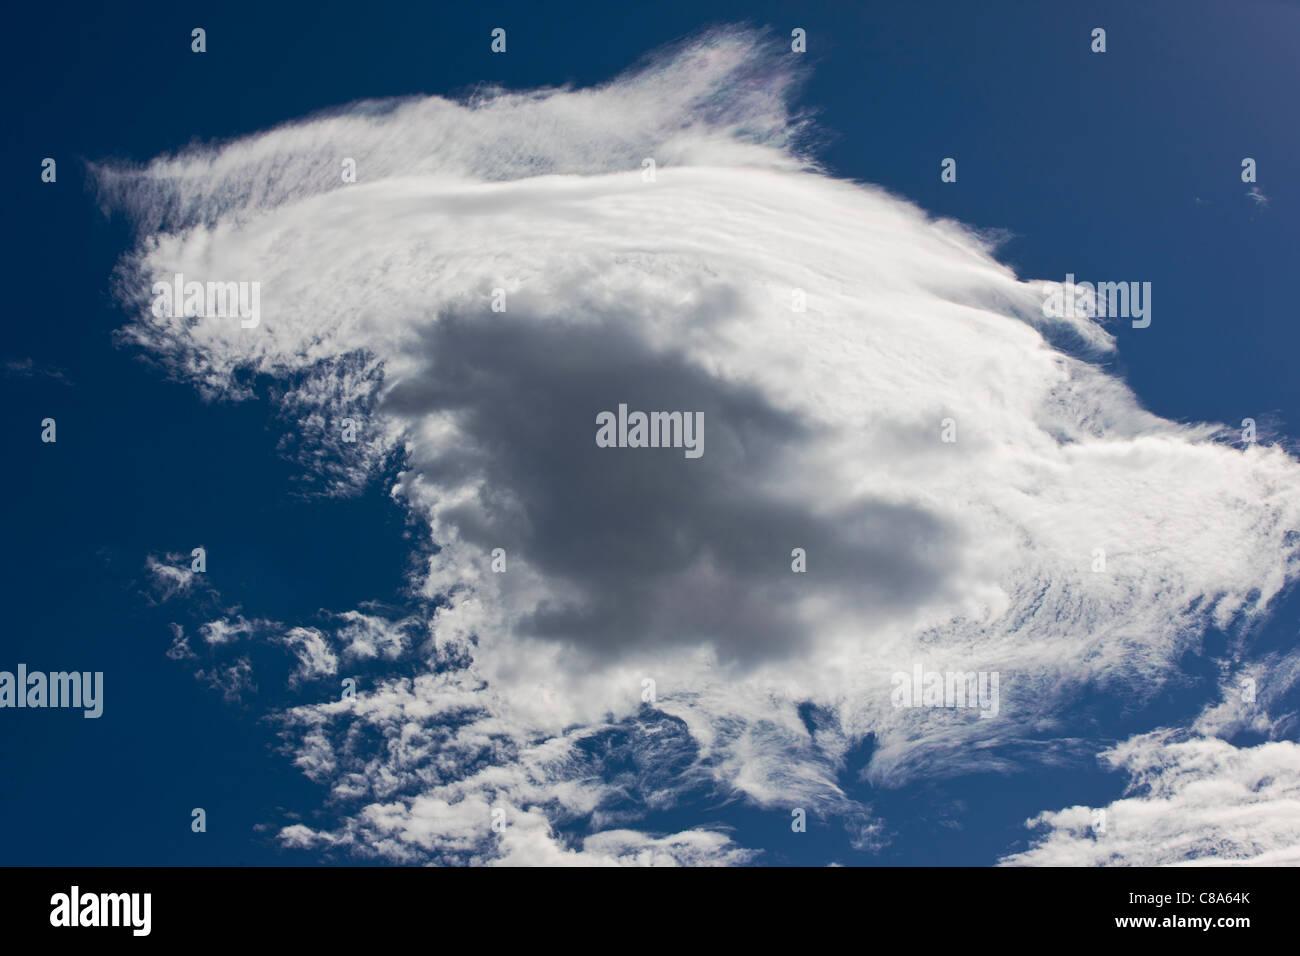 Las formaciones de nubes, inusual en un día soleado cielo azul en Colorado, EE.UU. Imagen De Stock